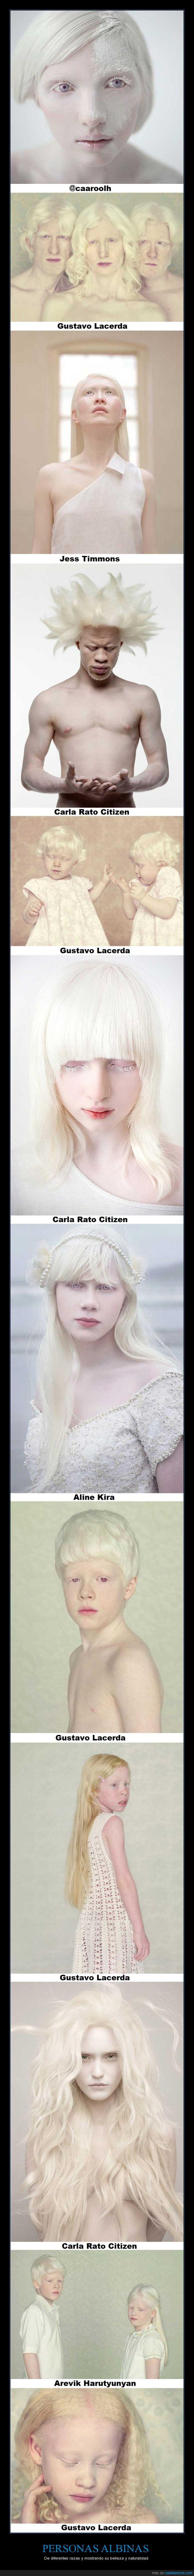 albinismo,albino,diferentes,fotos,hermoso,personas,razas